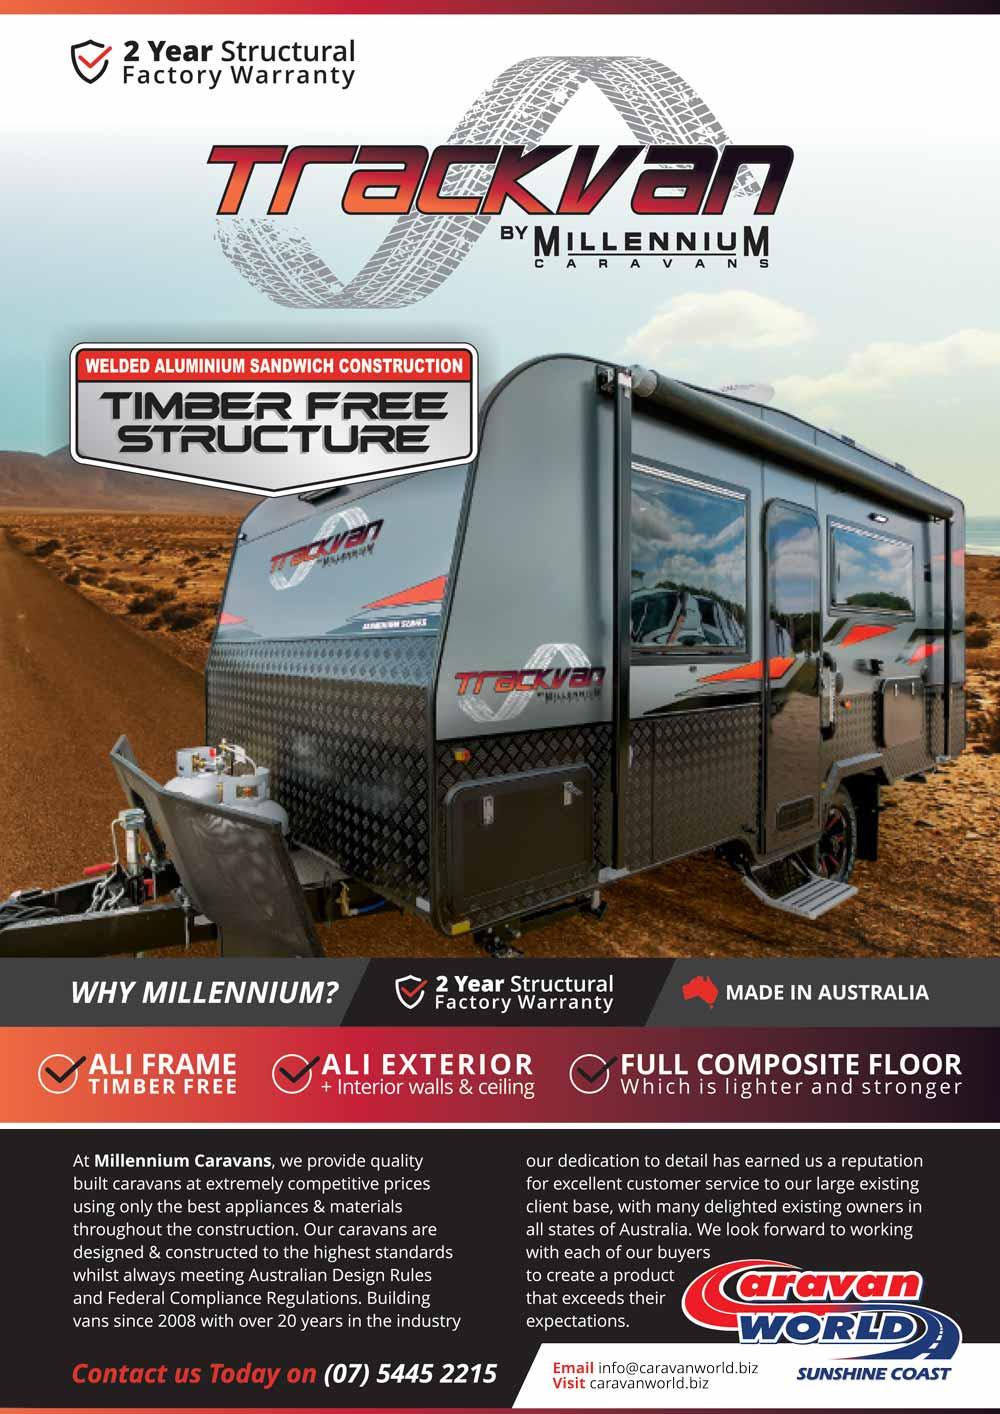 Trackvan by Millennium Caravans - Brochure Front Page